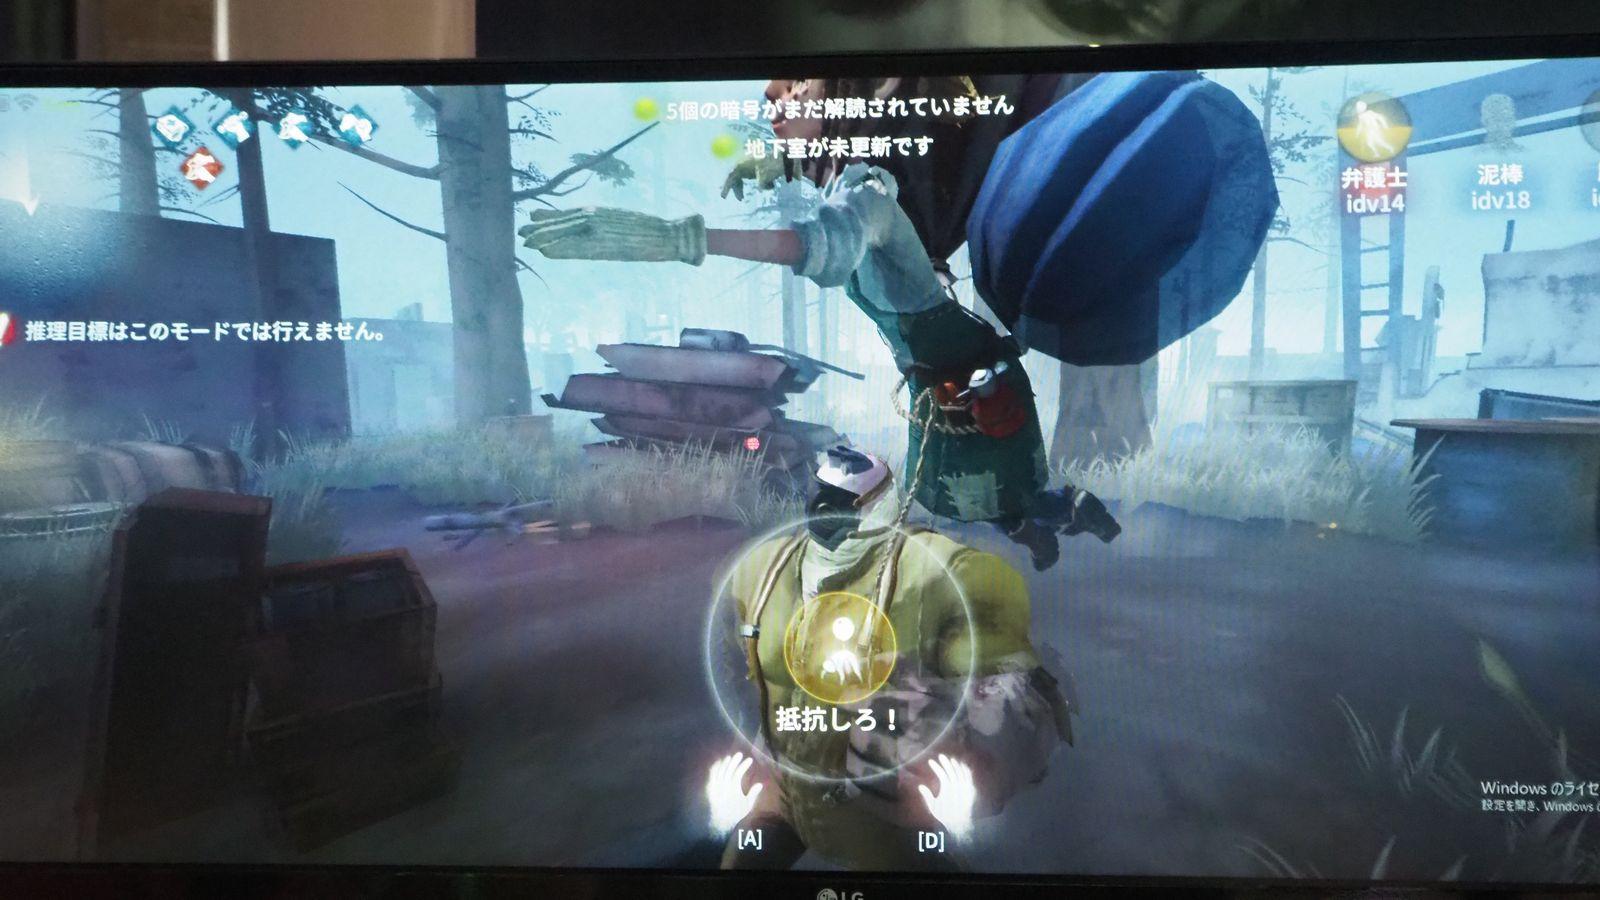 『甲鉄城のカバネリ  乱  始まる軌跡』は迫力のアニメーションが楽しめるRPG!【TGS2018】